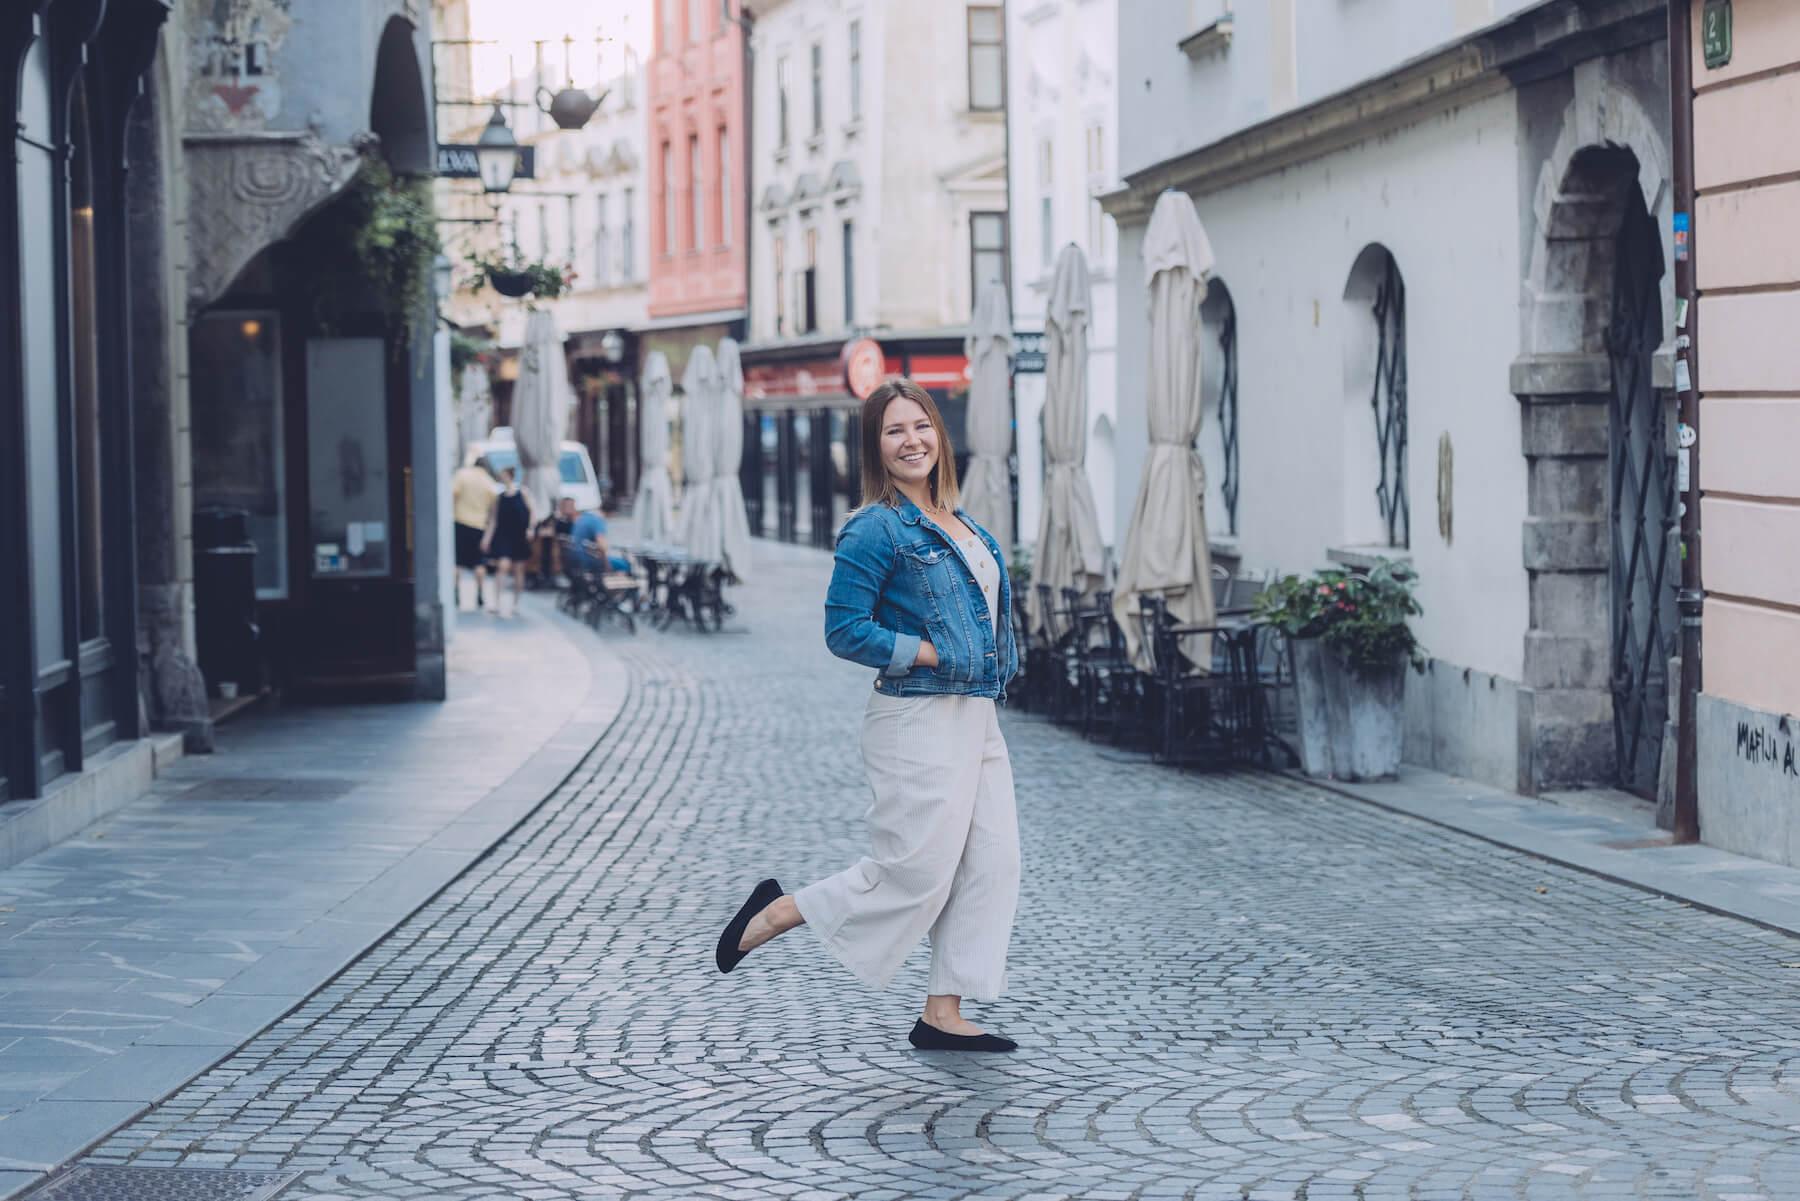 Solo traveller in Ljubljana, Slovenia